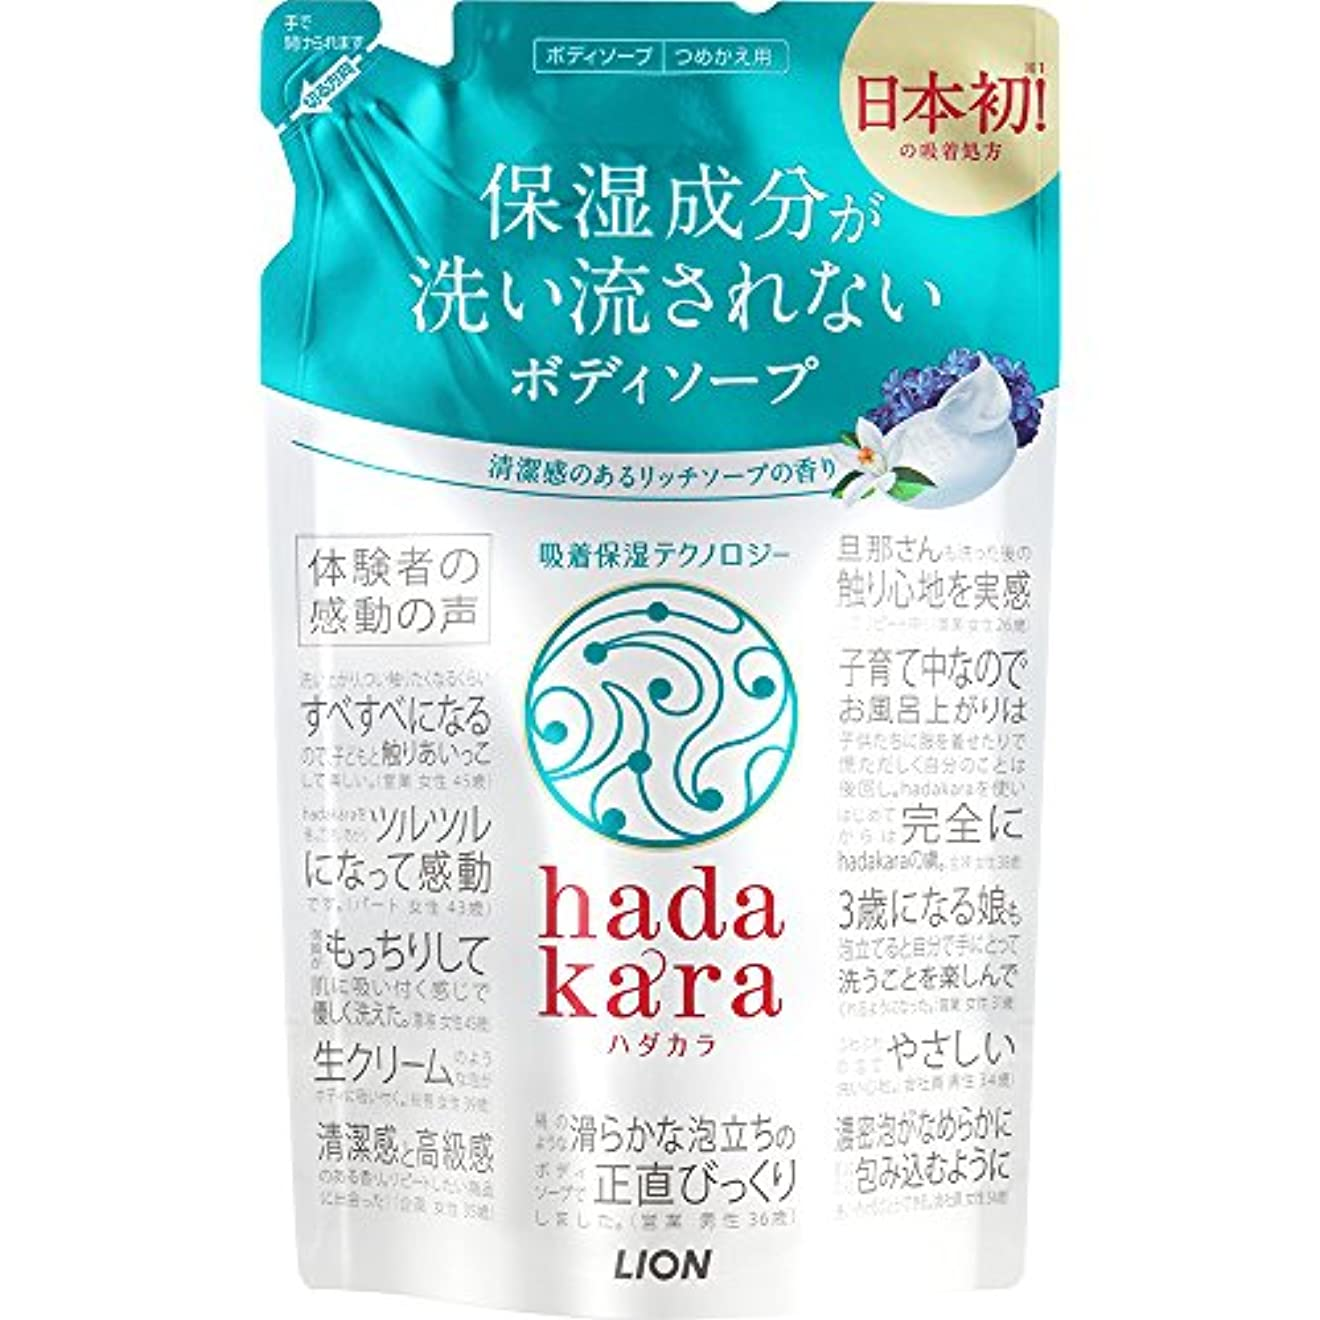 邪魔凶暴な枕hadakara(ハダカラ) ボディソープ リッチソープの香り 詰め替え 360ml